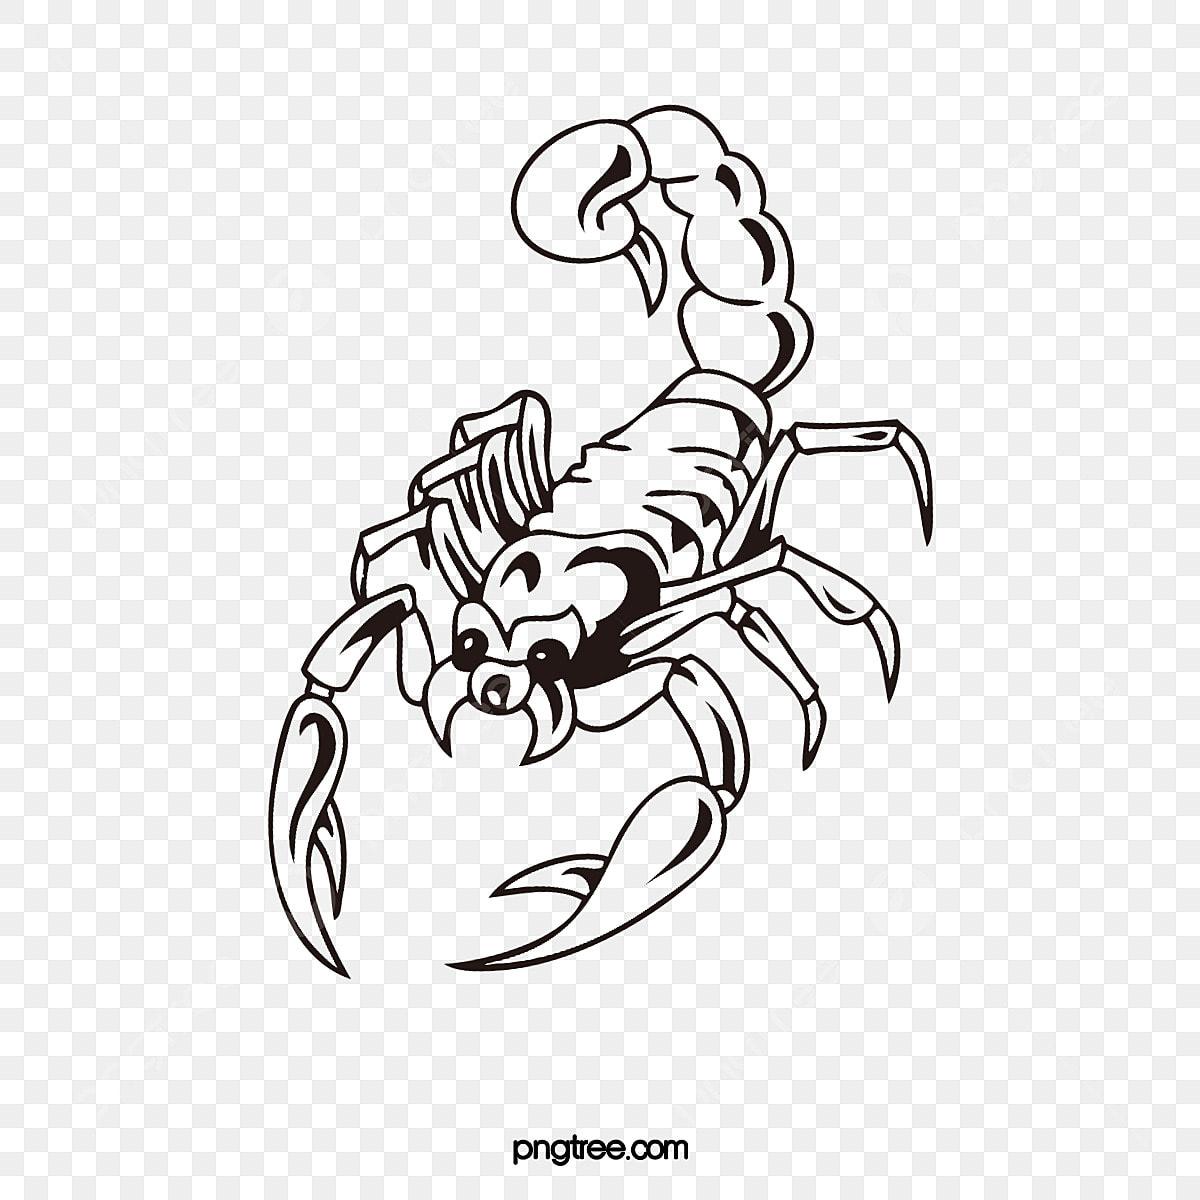 Le Dessin De Tatouage Main Scorpion Dessin Anime Peinte A La Main Les Scorpions Fichier Png Et Psd Pour Le Telechargement Libre